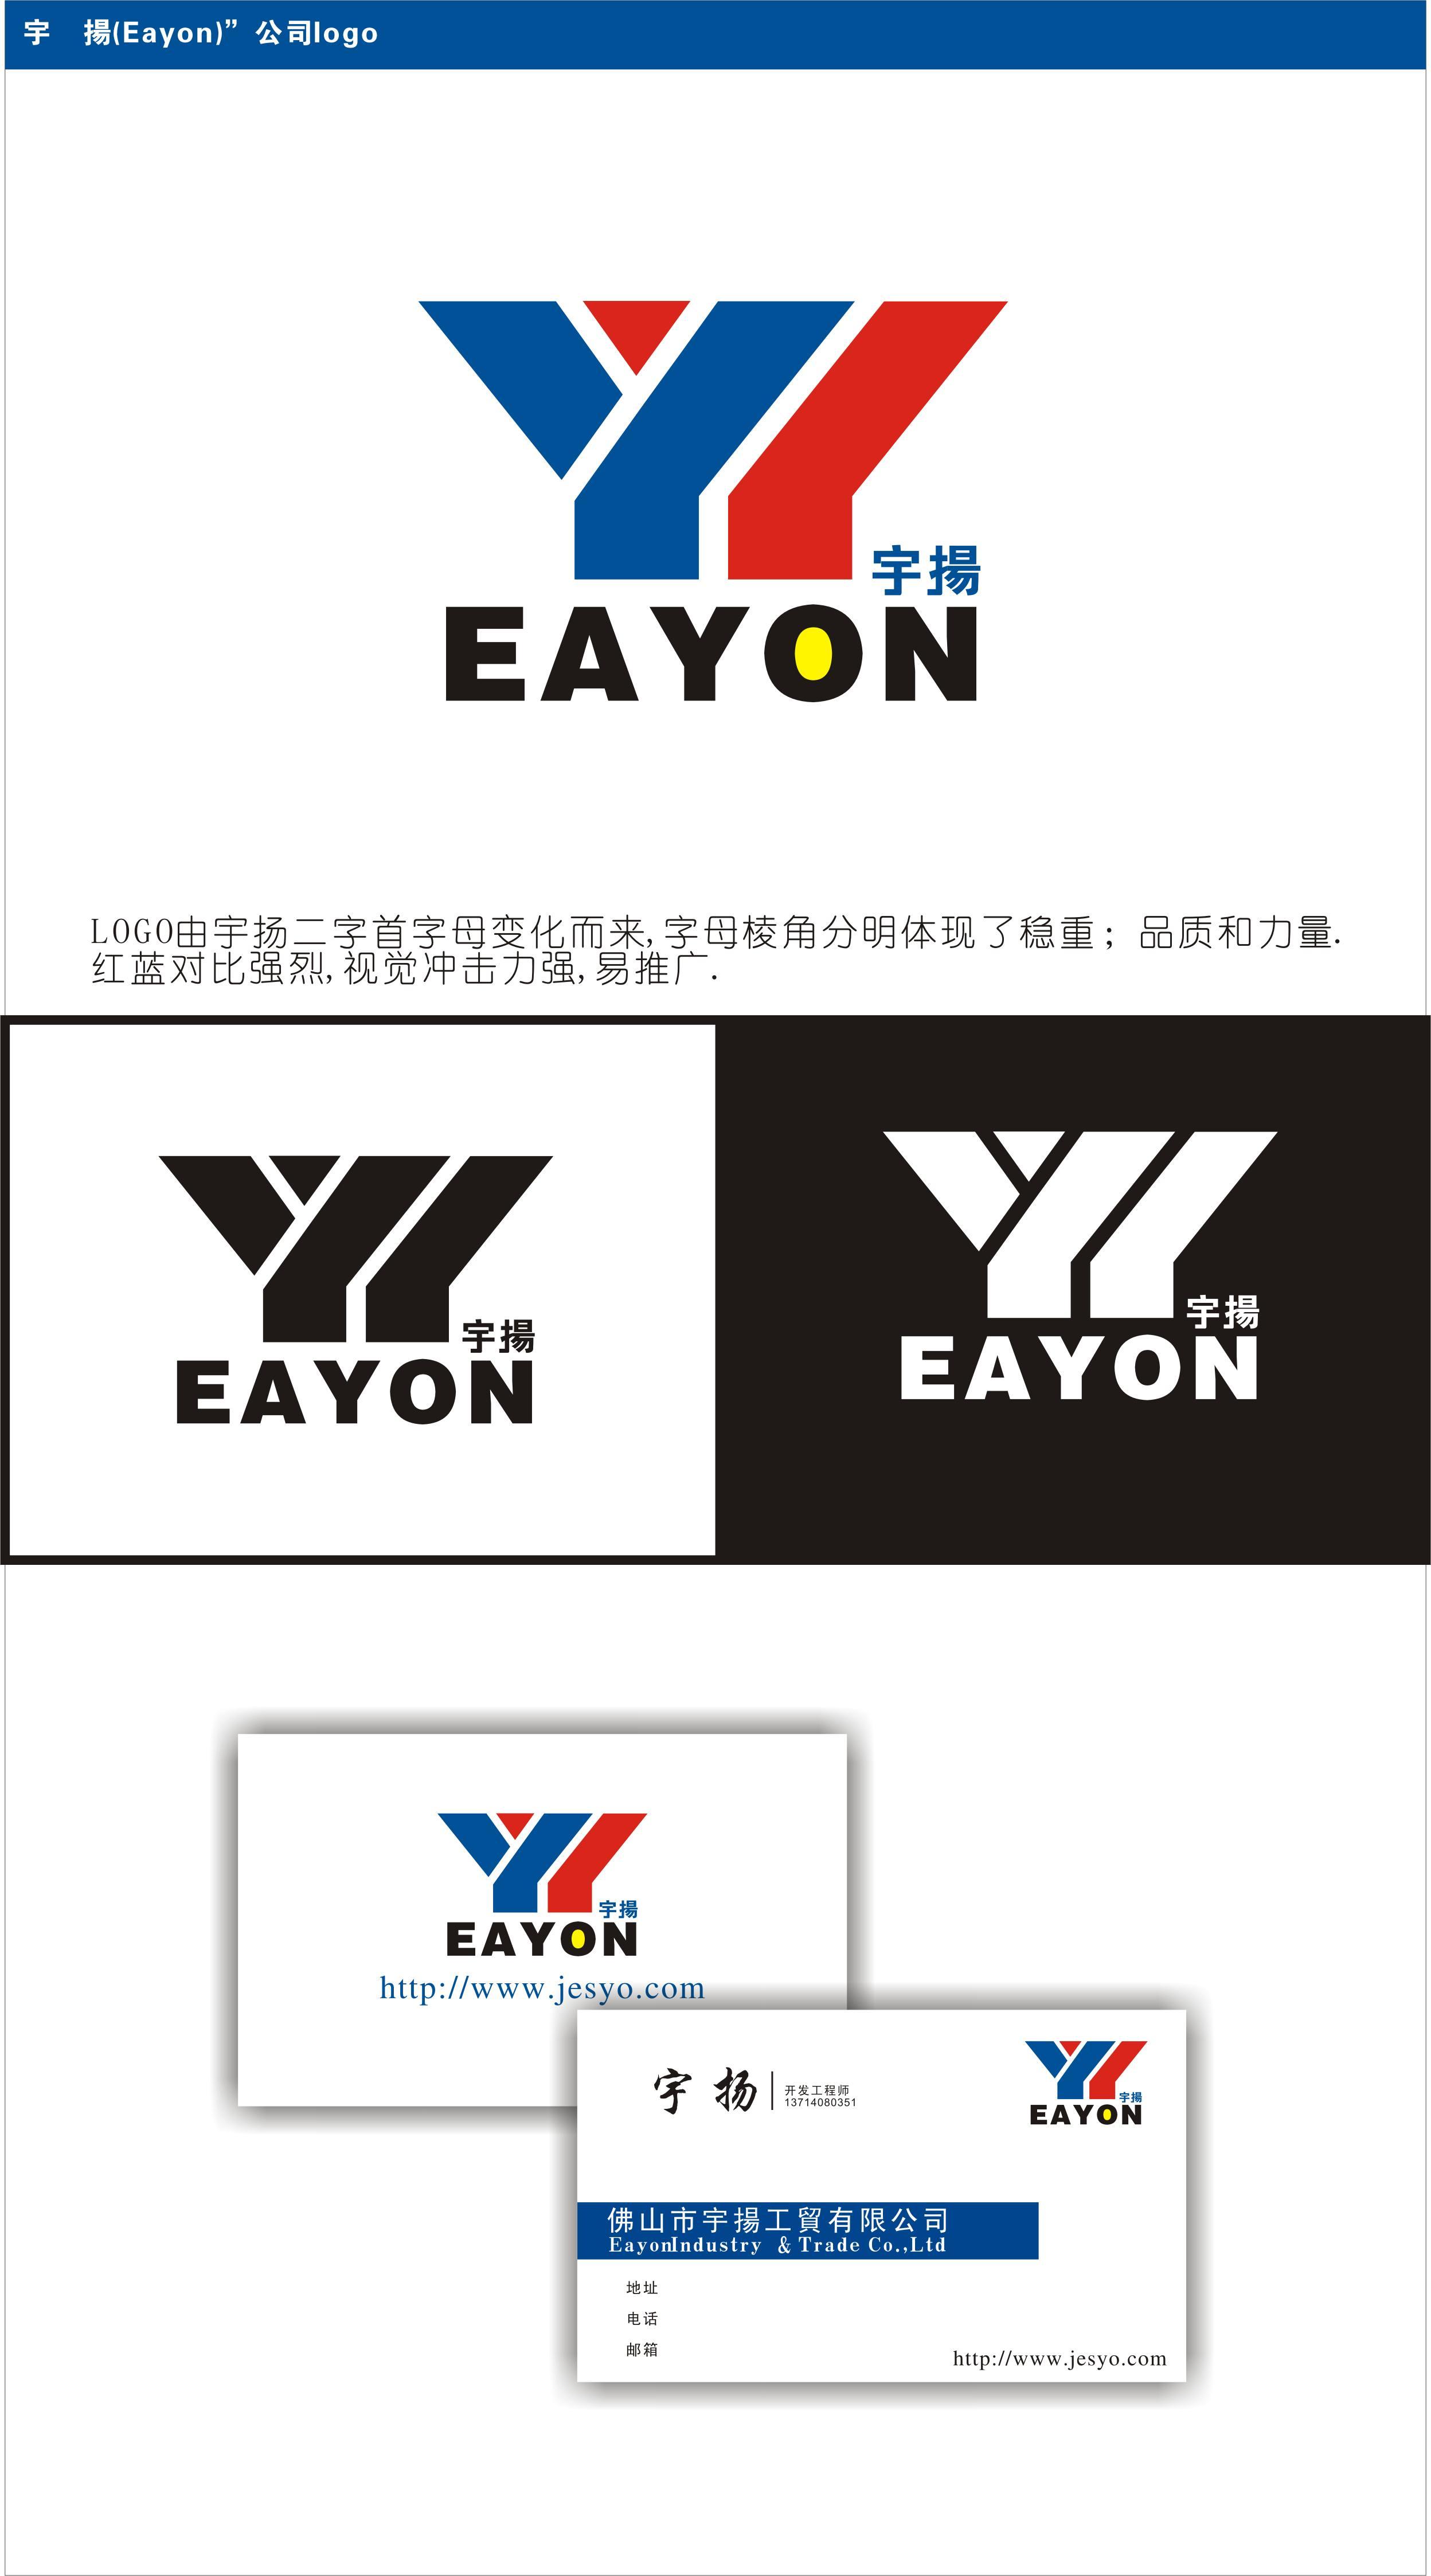 中标稿件 -宇扬 Eayon 公司logo名片 300元 威客任务 编号9300